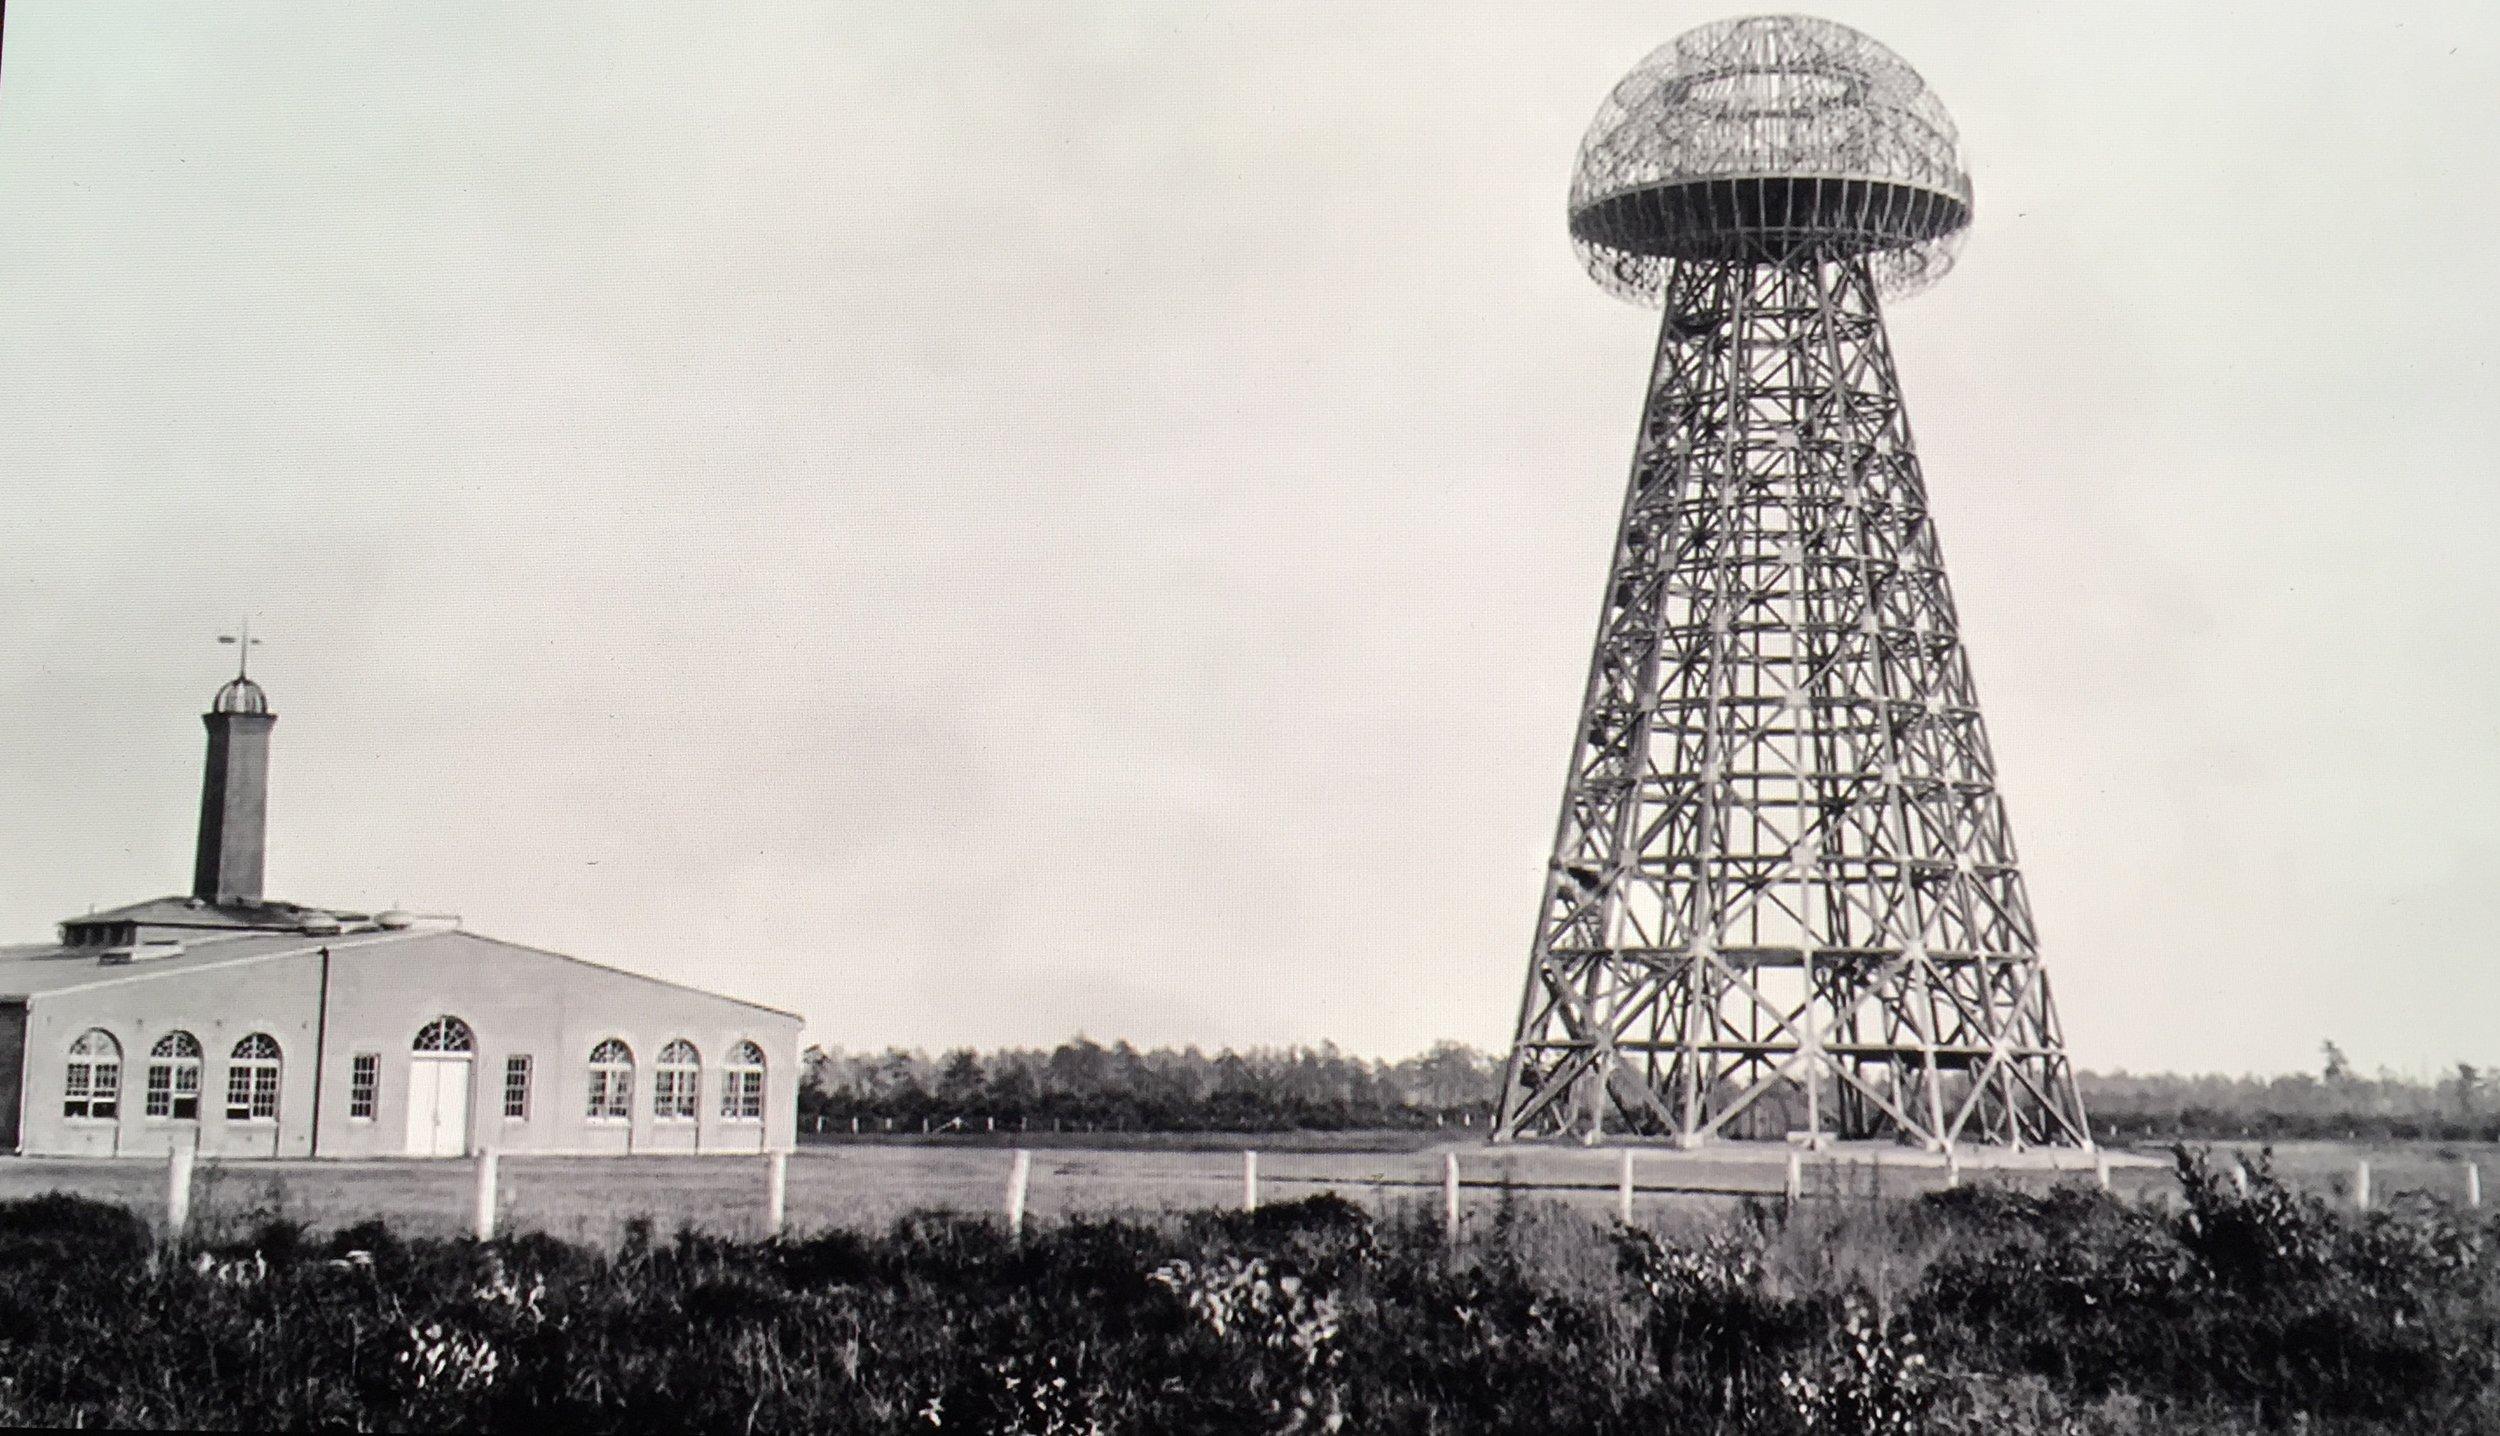 """Laboratoire de Nikola Tesla et Tour de Wardenclyffe (de 1901 à 1917)     C'était un grand Idéaliste et il était souvent qualifié de Naïf  car il n'avait en tête que le projet de réaliser ce qui aurait pu changer la face du Monde. Mais être Naïf ne signifie-t-il pas par définition être quelqu'un de """"Naturel, de Franc et de Sincère"""", quelqu'un de """"Pur et d'Innocent"""" n'entreprenant les choses non pas dans son seul et propre intérêt mais dans l'intérêt de tous?  Alors, pourquoi ne pas lui avoir donné la chance de réaliser jusqu'au bout ce dont il avait rêvé et découvert à travers ses Visions? Si seulement il avait pu démontrer au monde que ce qu'il avait construit aurait pu véritablement fonctionner. Eh bien non, nous avons tout simplement décidé de mettre fin à son projet (déjà bien avancé) car celui-ci n'aurait de toute évidence (soit disant) pas fonctionné (à l'échelle planétaire) et encore moins bénéficié à l'économie (il s'agit de la version officielle).  En réalité, il n'y a aucun doute que sa découverte aurait pu faire basculer le Système déjà mis en place dans notre monde. En d'autres terme, Nikola Tesla représentait une véritable menace qui aurait pu fortement chambouler le cour de l'Histoire déjà minutieusement préétabli depuis des décennies.  Comment est-il possible de croire que son rêve se soit aujourd'hui réalisé? Toutes ces soient-disantes """"nouvelles technologies"""" auxquelles nous avons accès aujourd'hui (Radio, Wifi, etc.) sont en y réfléchissant bien, des technologies qui existaient déjà depuis bien longtemps; Nous y avons peut-être aujourd'hui accès en """"illimité"""" mais elle n'en sont pas pour autant gratuites. Comment fermer les yeux sur cela en sachant que plus de la moitié de l'humanité n'a encore ni accès à l'eau courante, ni à l'électricité dans leur foyer parce que """"C'est l'Economie Mondiale qui veut ça…"""" ?  Je suis intimement convaincue que grâce à  sa découverte  qui aurait été plus que  Libératrice , le Monde que nous connaissons aujourd'hui aura"""